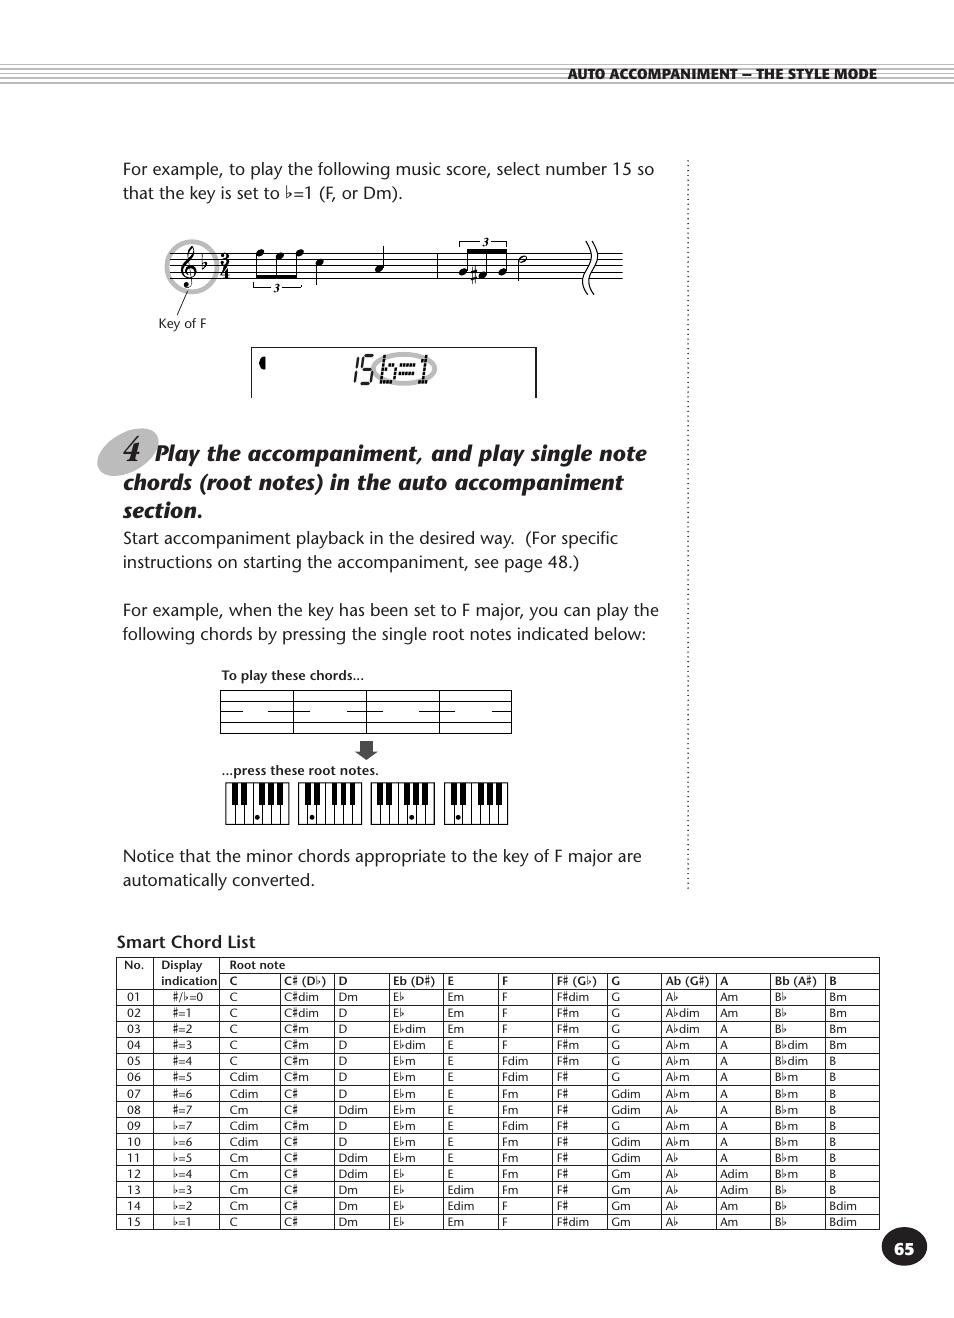 smart chord list yamaha psr 340 user manual page 65 128 rh manualsdir com manual de yamaha psr 340 en español Yamaha PSR S750